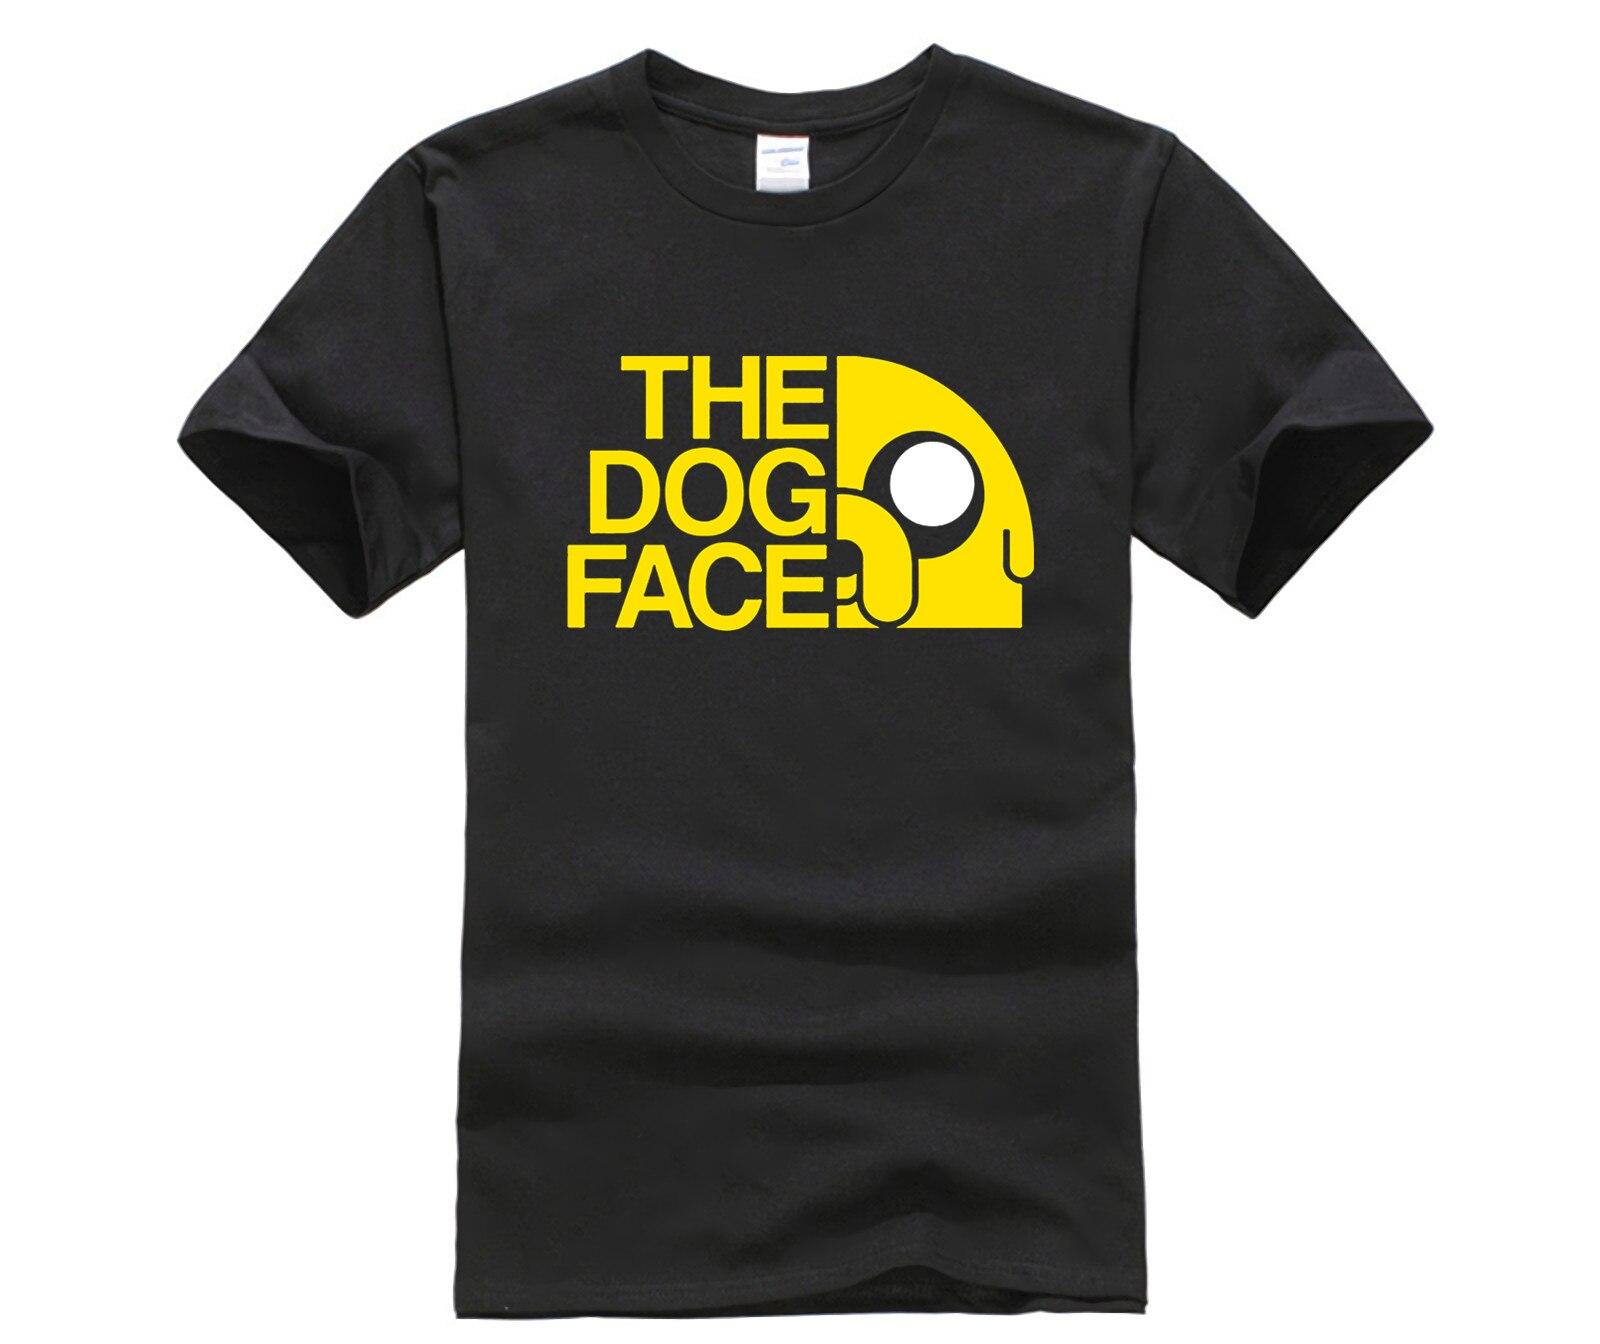 Novedad de verano, camiseta de animación Adventure Time, Camiseta con estampado divertido de dibujos animados en 3d de Finn y Jake man y The dog face, camiseta estampada a la moda Unisex